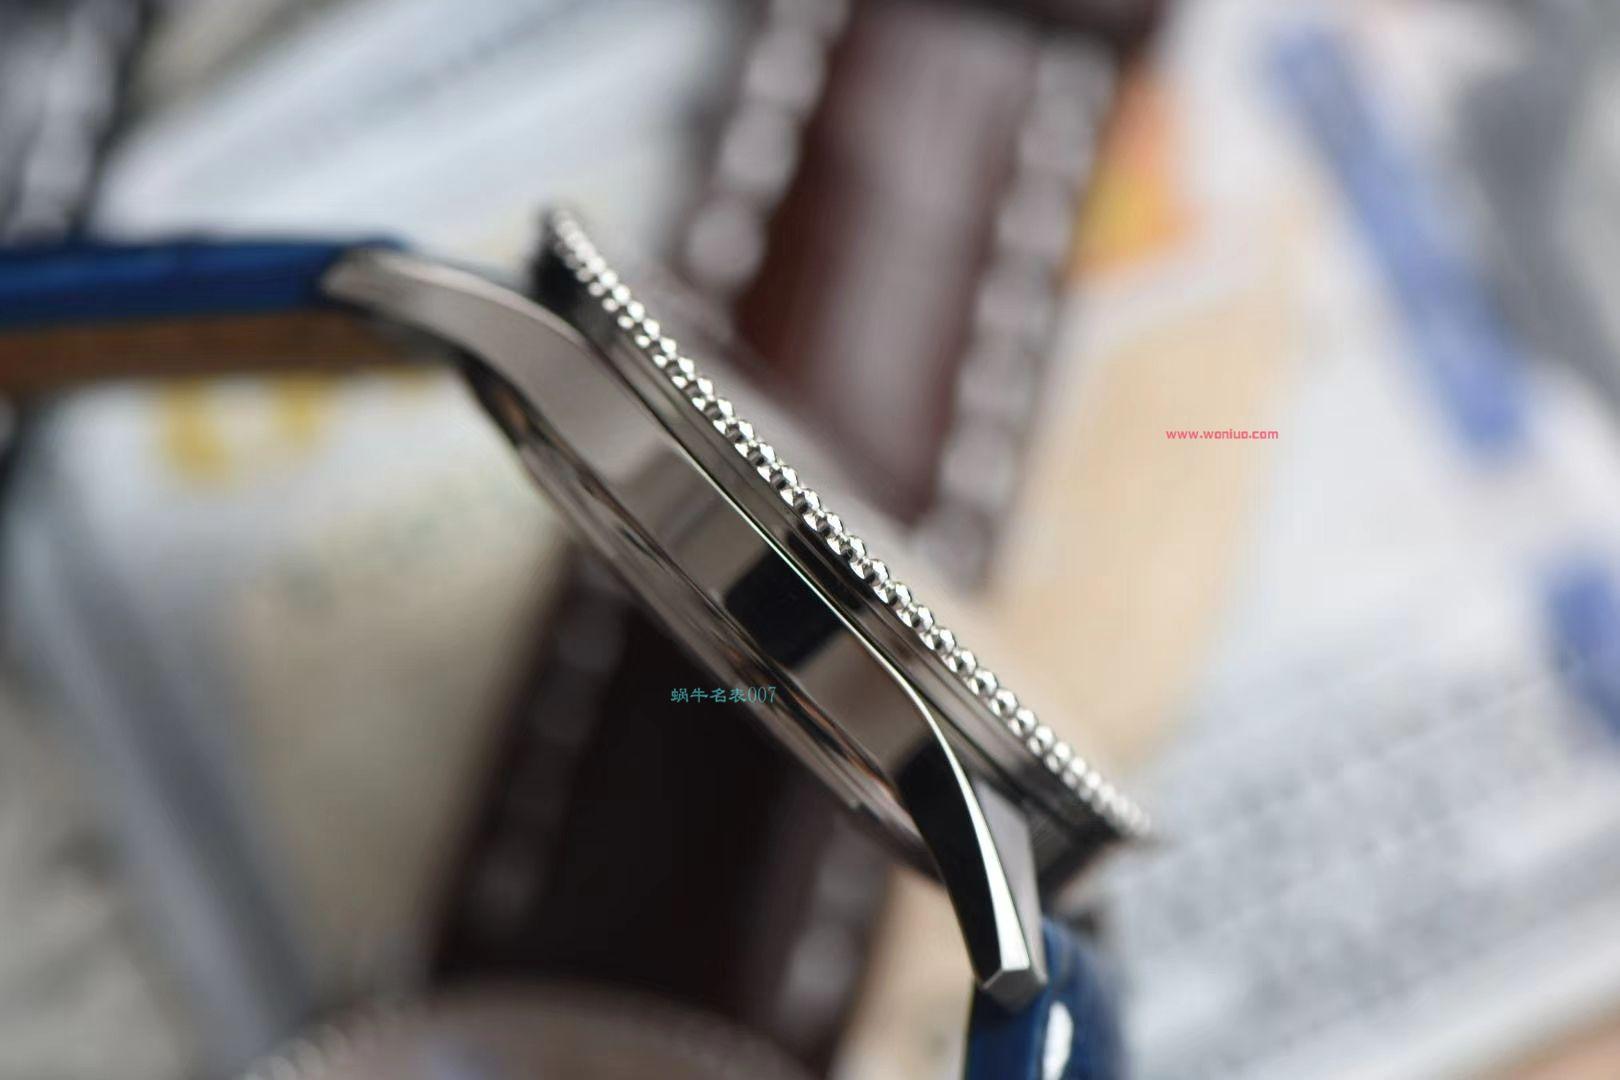 视频评测名表007定制版百年灵航空计时41毫米系列A17326211B1P1腕表 / BL157